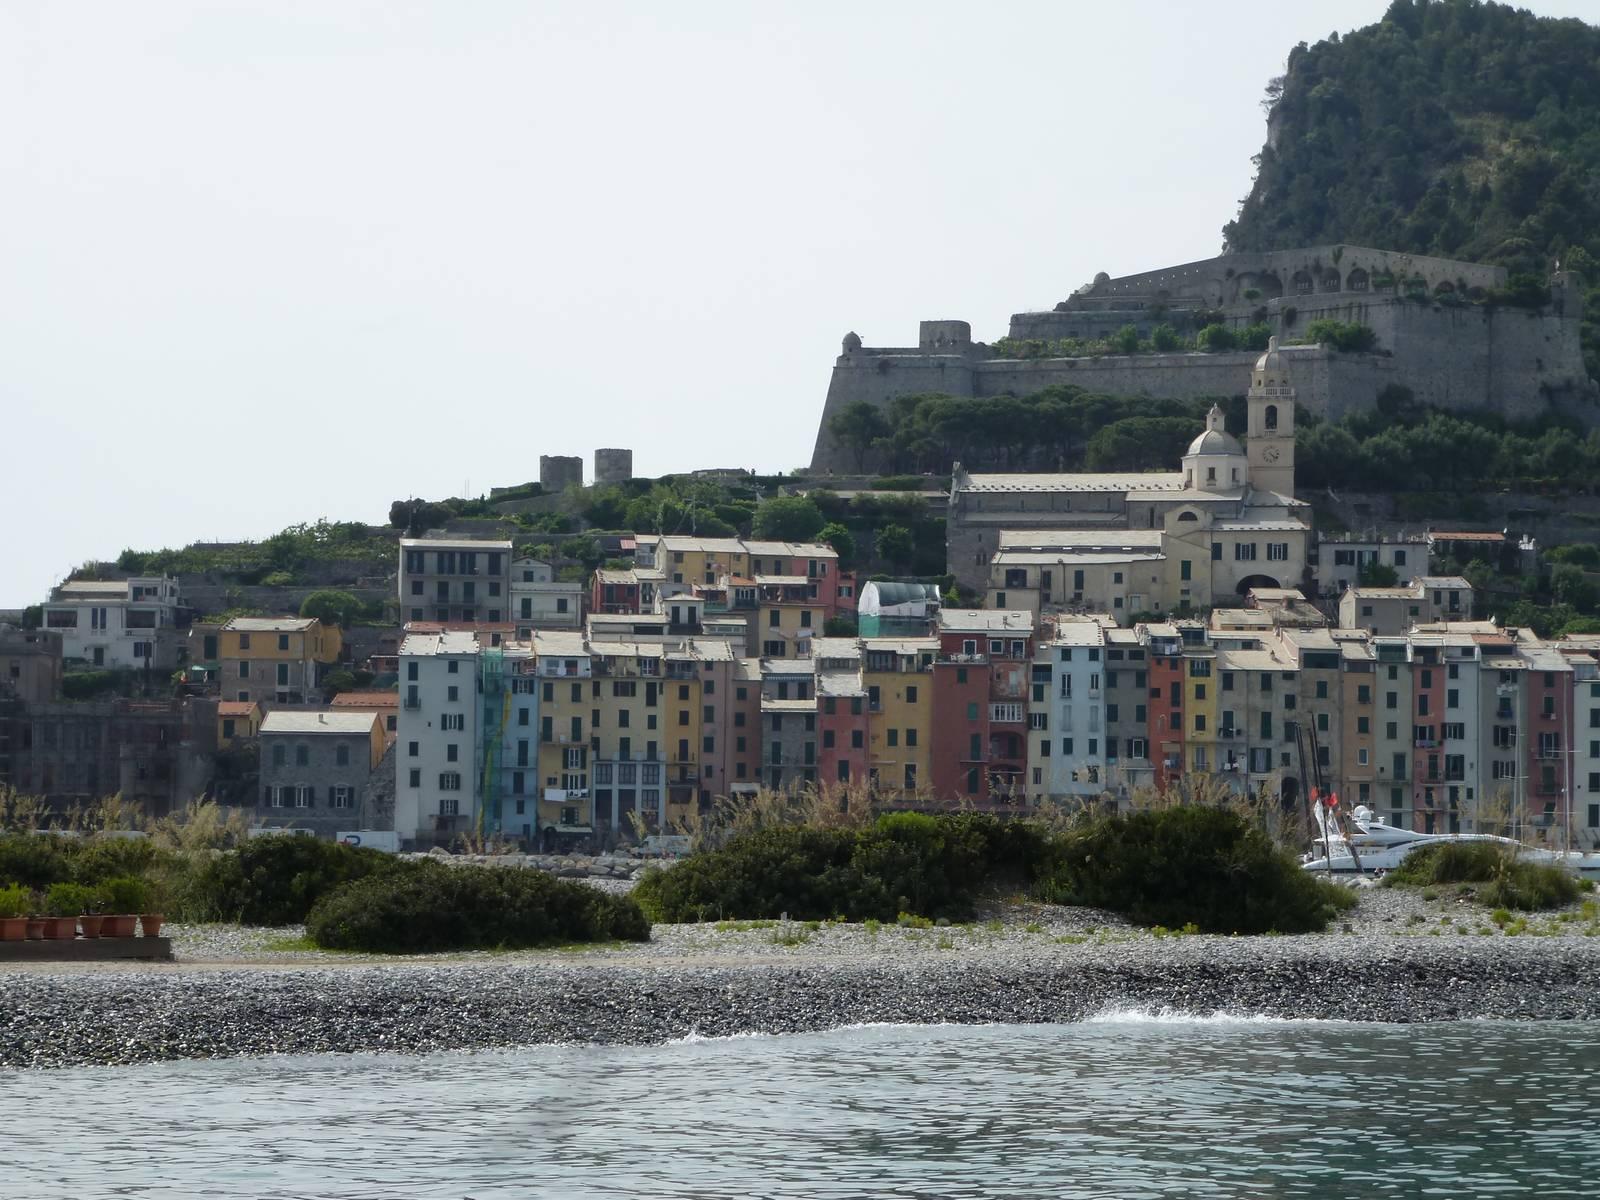 Ligurien - Cinque Terre